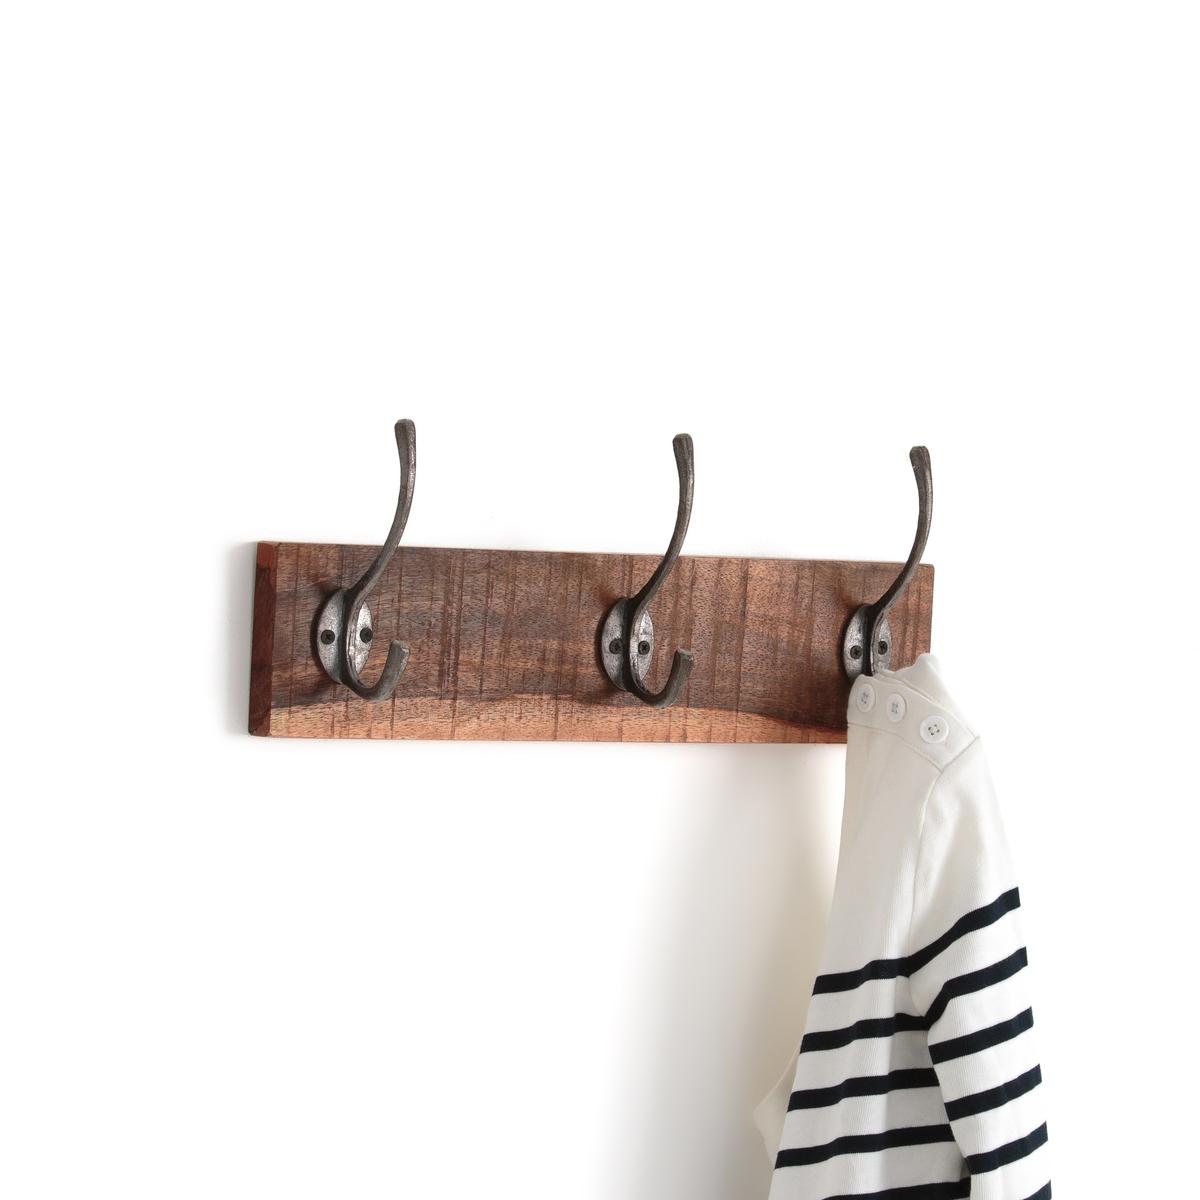 Вешалка с 3 крючками для крепления на стенеОписание:Вешалка с 3 раздвоенными крючками для крепления на стене La Redoute Interieurs .Описание вешалки :• Основа из крашеного массива мангового дерева • 3 раздвоенных крючка из метала с искусственно состаренным эффектом • шурупы и дюбели в комплект не входятРазмеры вешалки :• 38 x 7 см • Высота 15 см Всю коллекцию Вы можете найти на сайте laredoute.ru Вешалка с 3 крючками продается в собранном виде .Размеры и вес ящика :1 упаковка• 43x14xH12.5 см 1.3 кг<br><br>Цвет: серо-бежевый